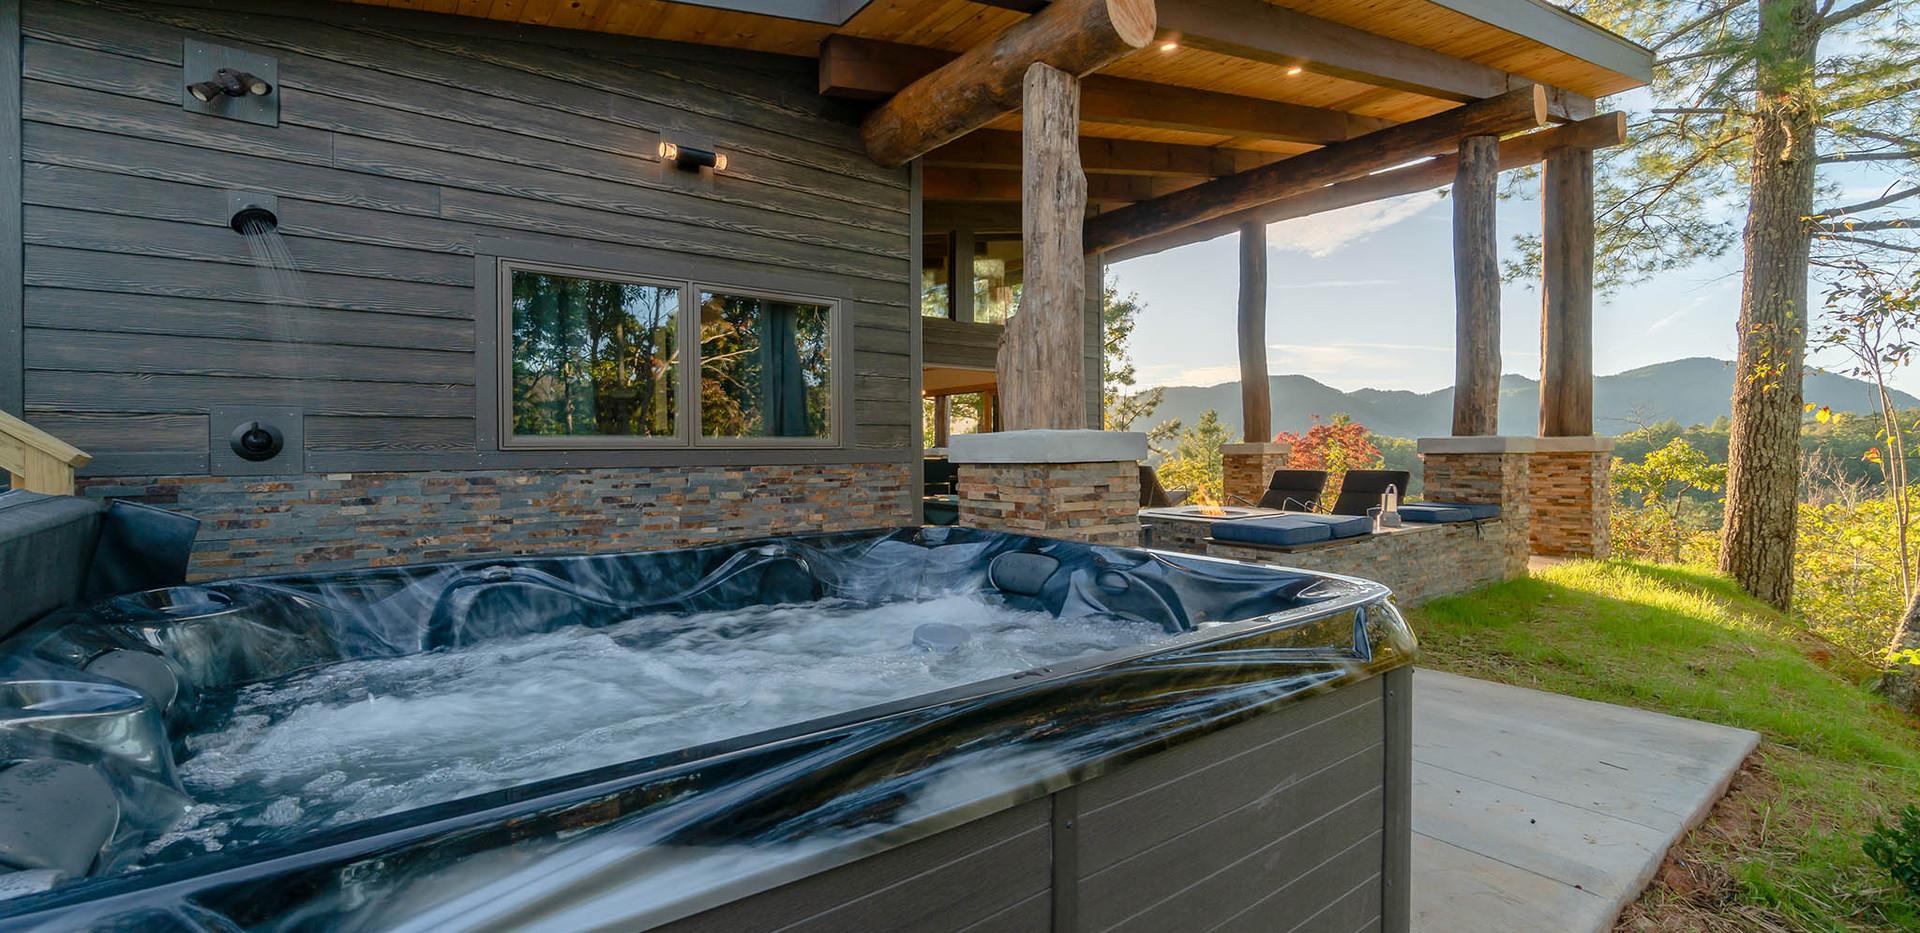 Point D - hot tub view - sm.jpg